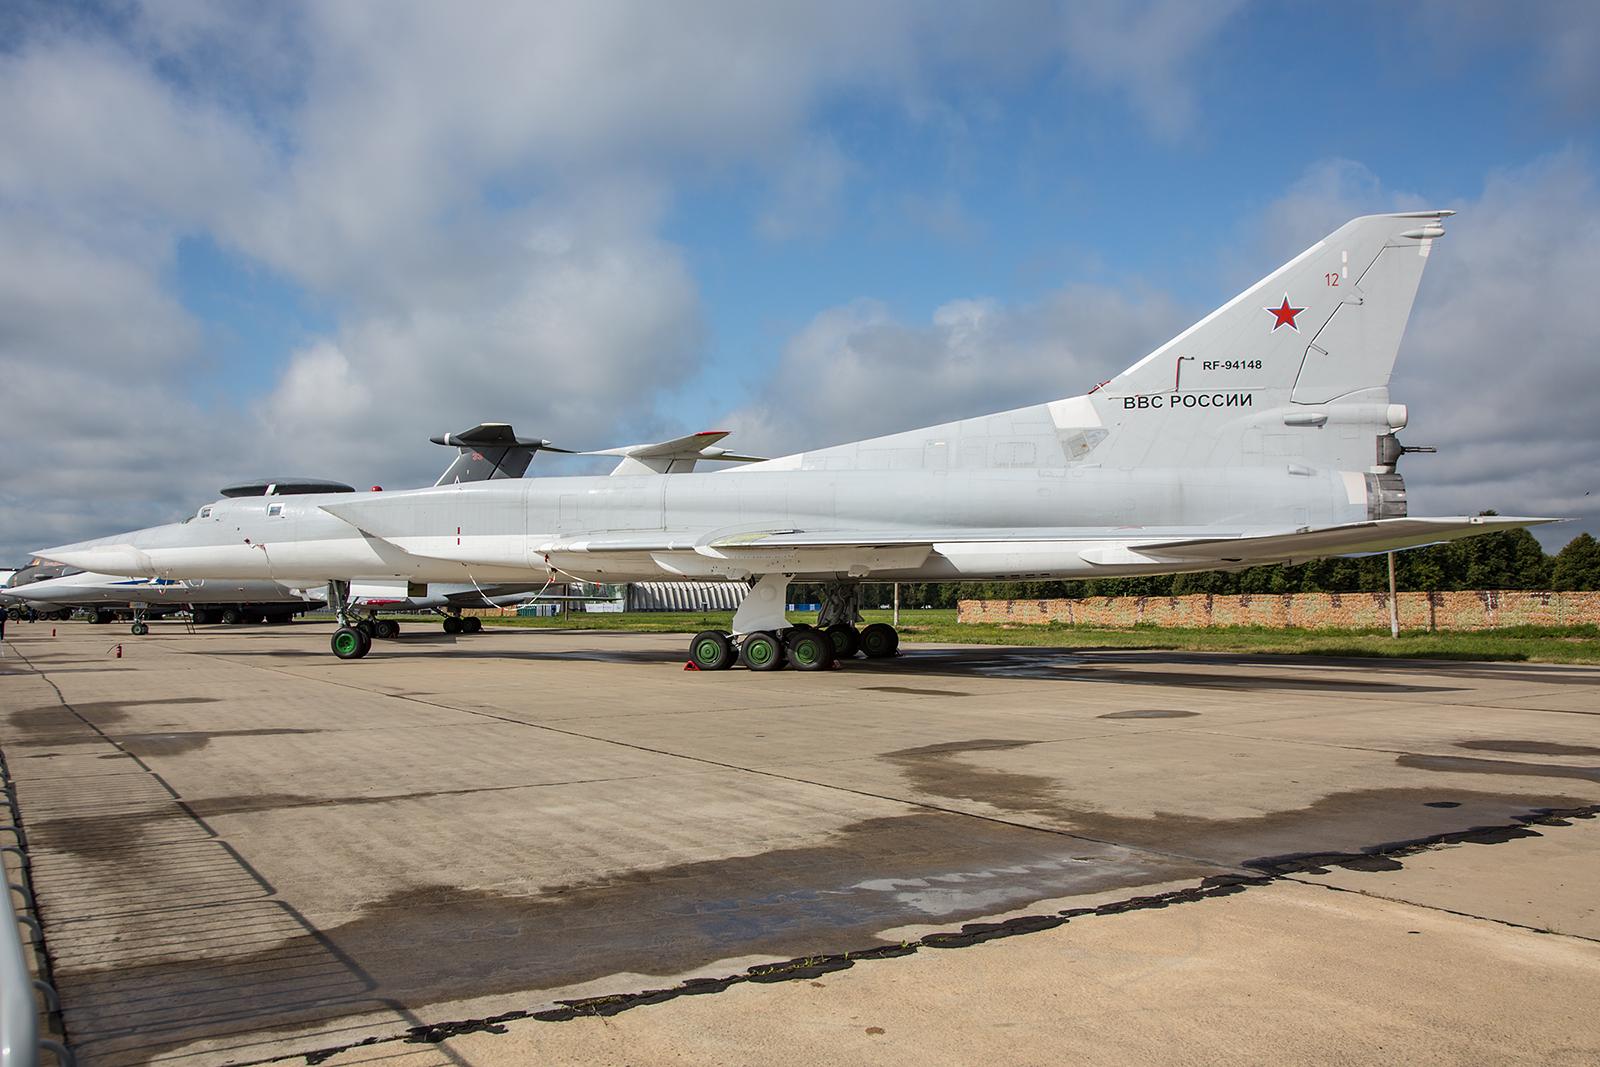 Sehr beeindruckend ist die Silhouette der Tupolev Tu-22.